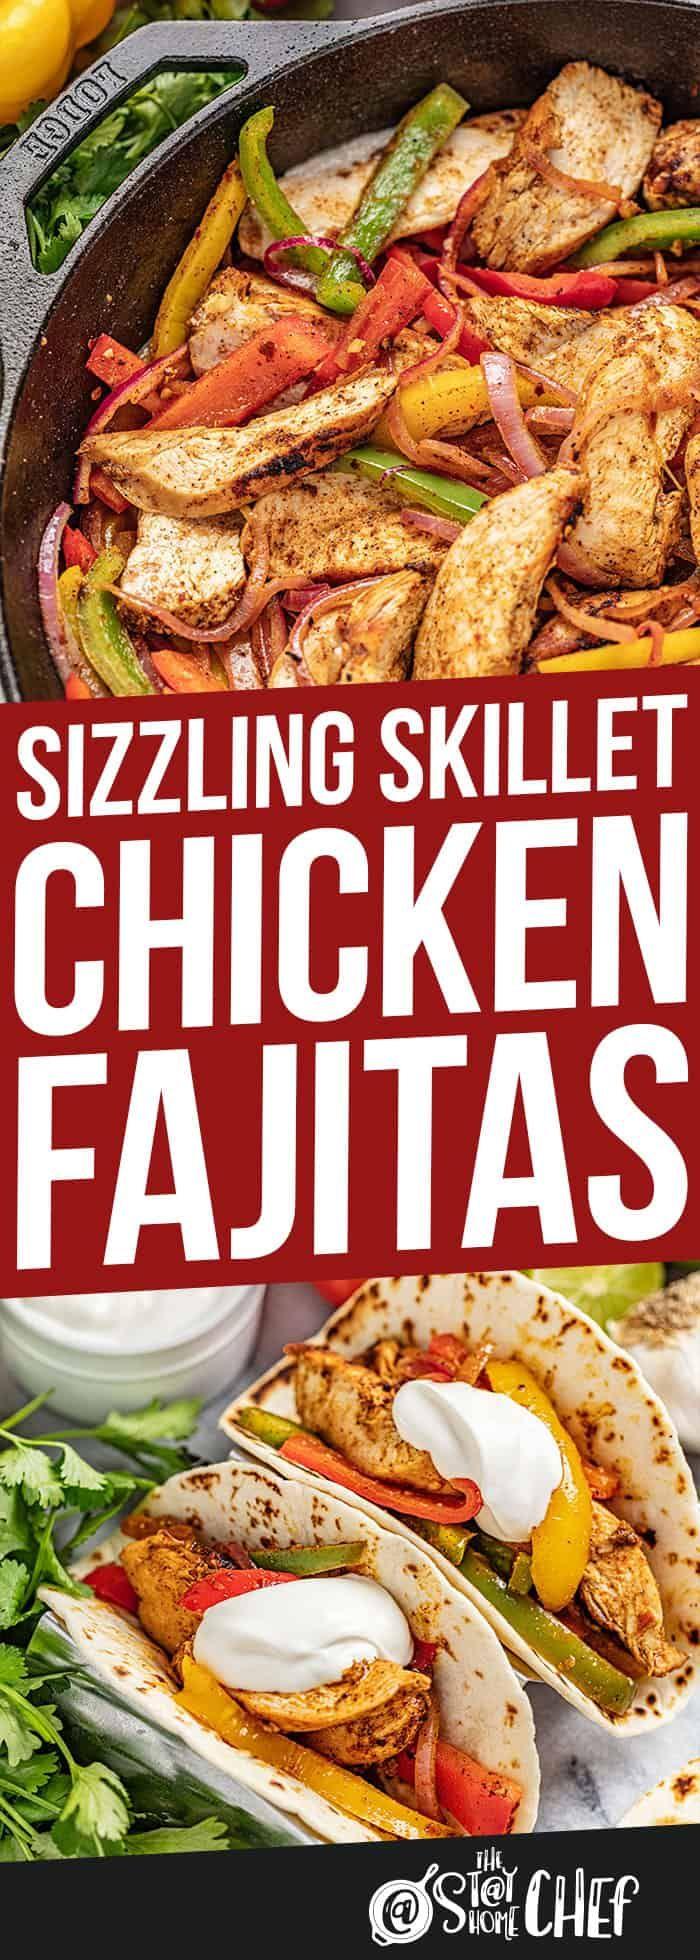 Sizzling Skillet Chicken Fajitas Recipe In 2020 Chicken Fajita Recipe Fajita Recipe Chicken Recipes